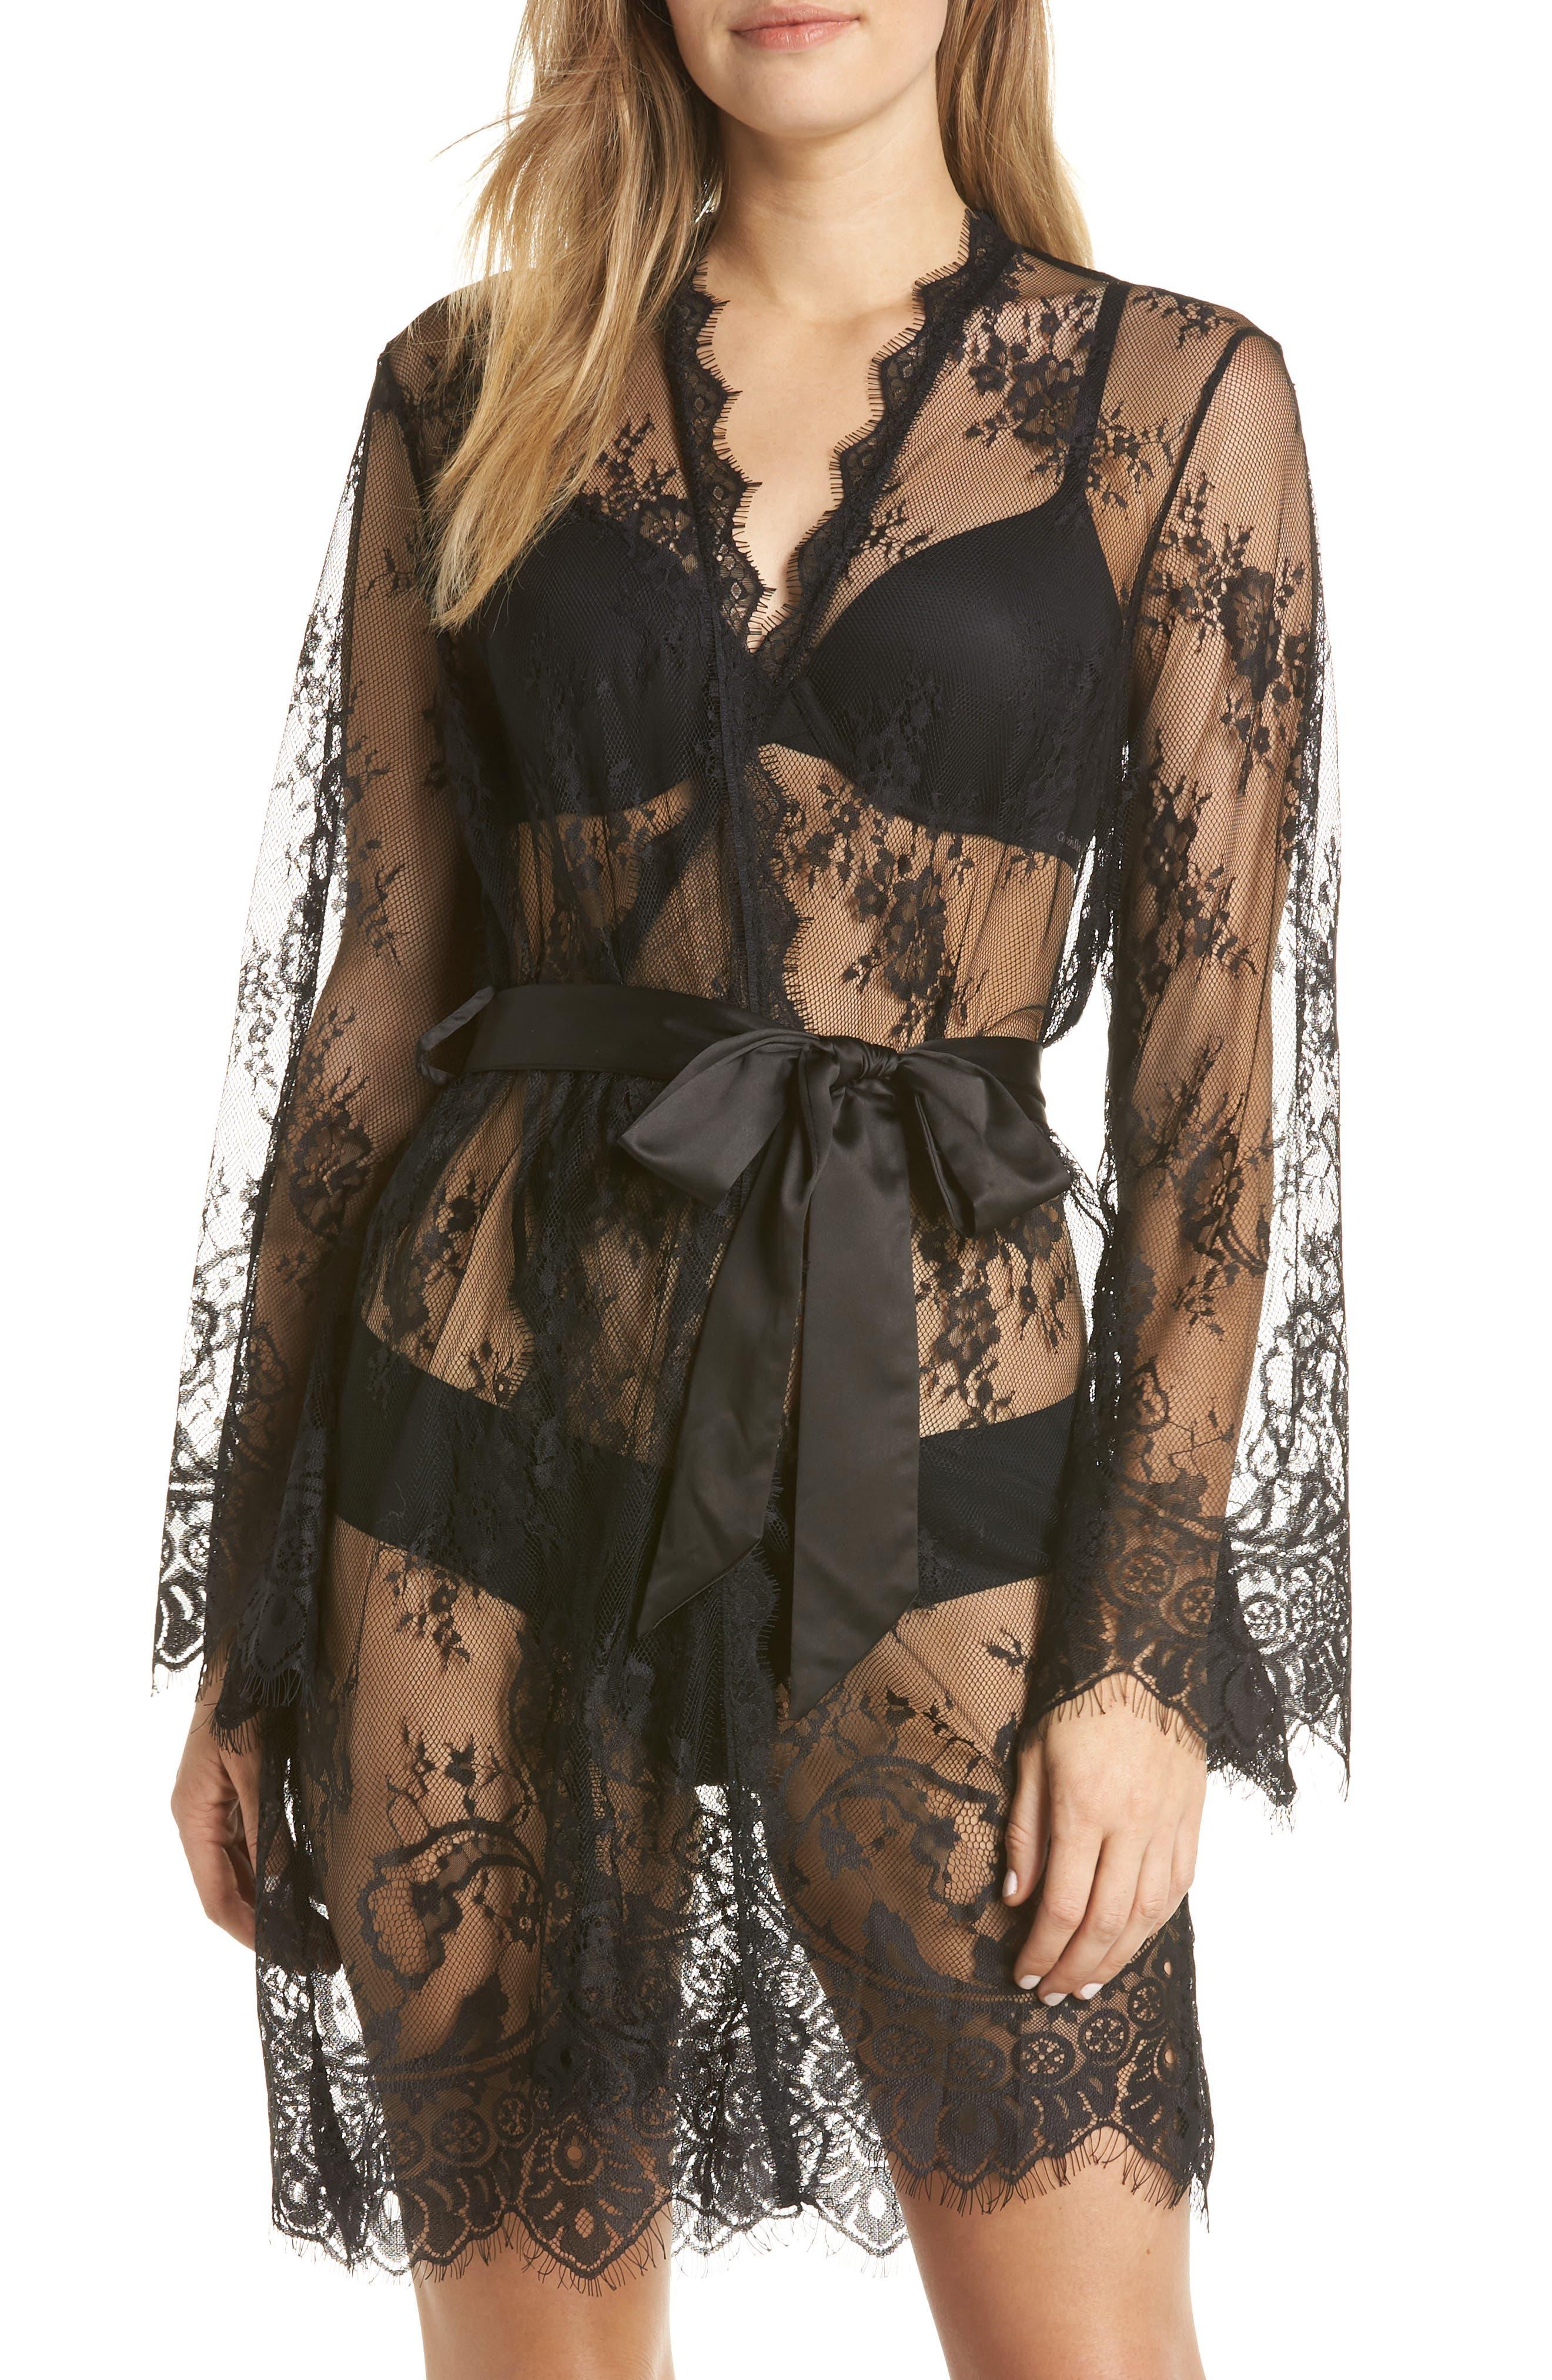 Saria Sheer Lace Robe,                             Main thumbnail 1, color,                             BLACK